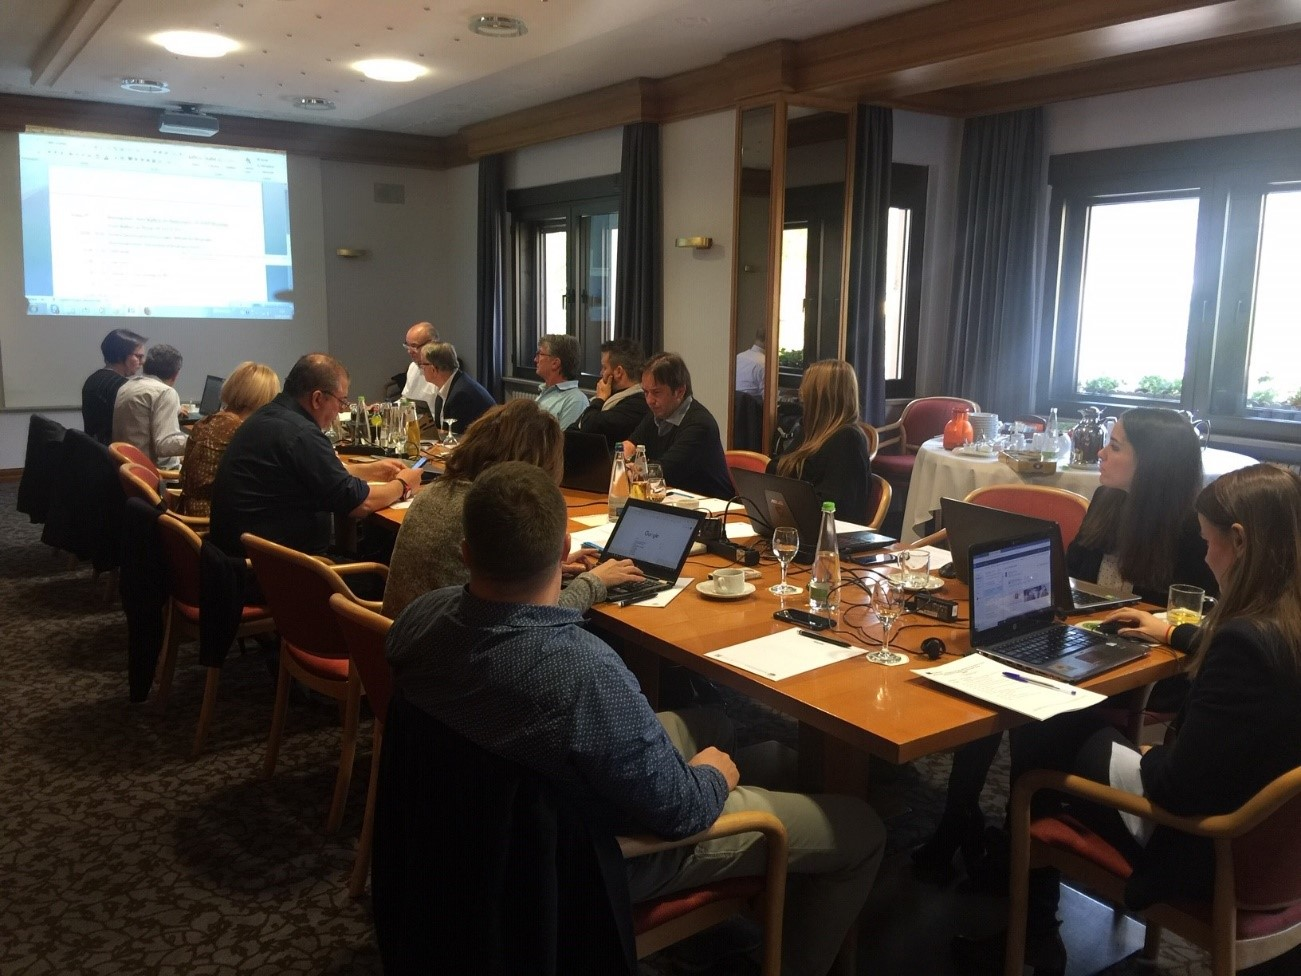 Cuarta reunión del proyecto SafePlace en Würzburg